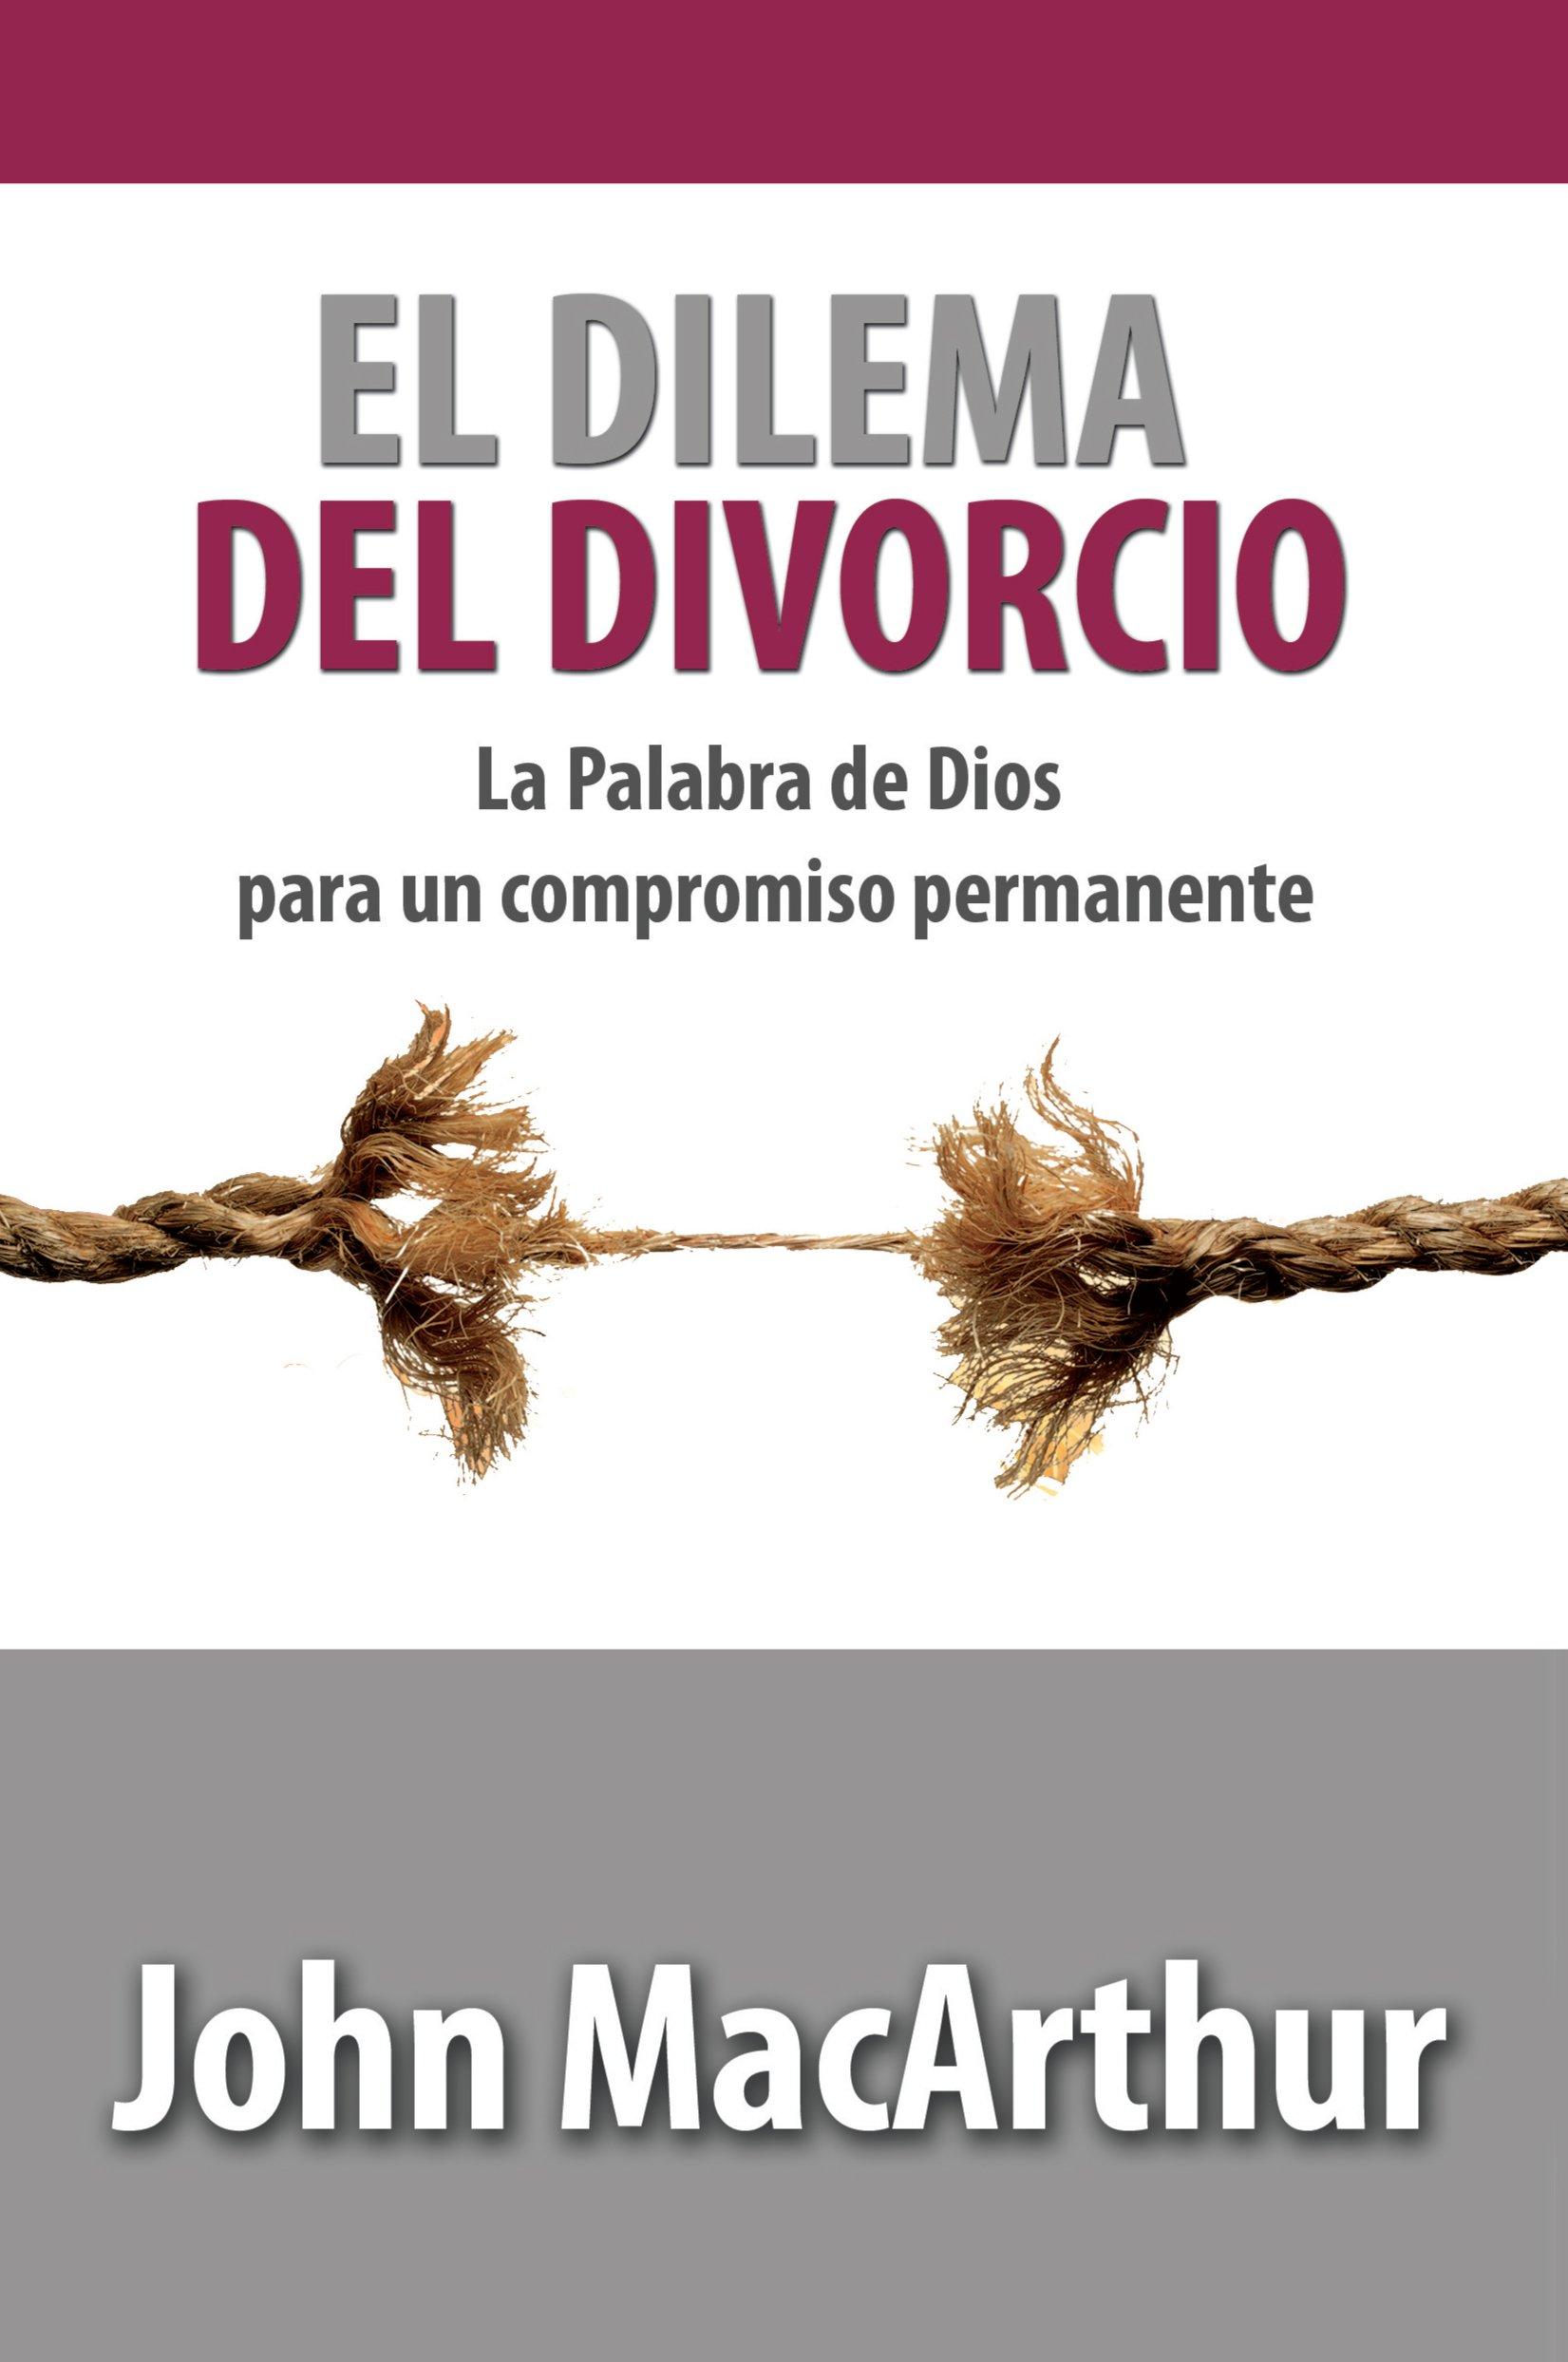 El Dilema Del Divorcio (Spanish Edition): Amazon.es: John MacArthur: Libros